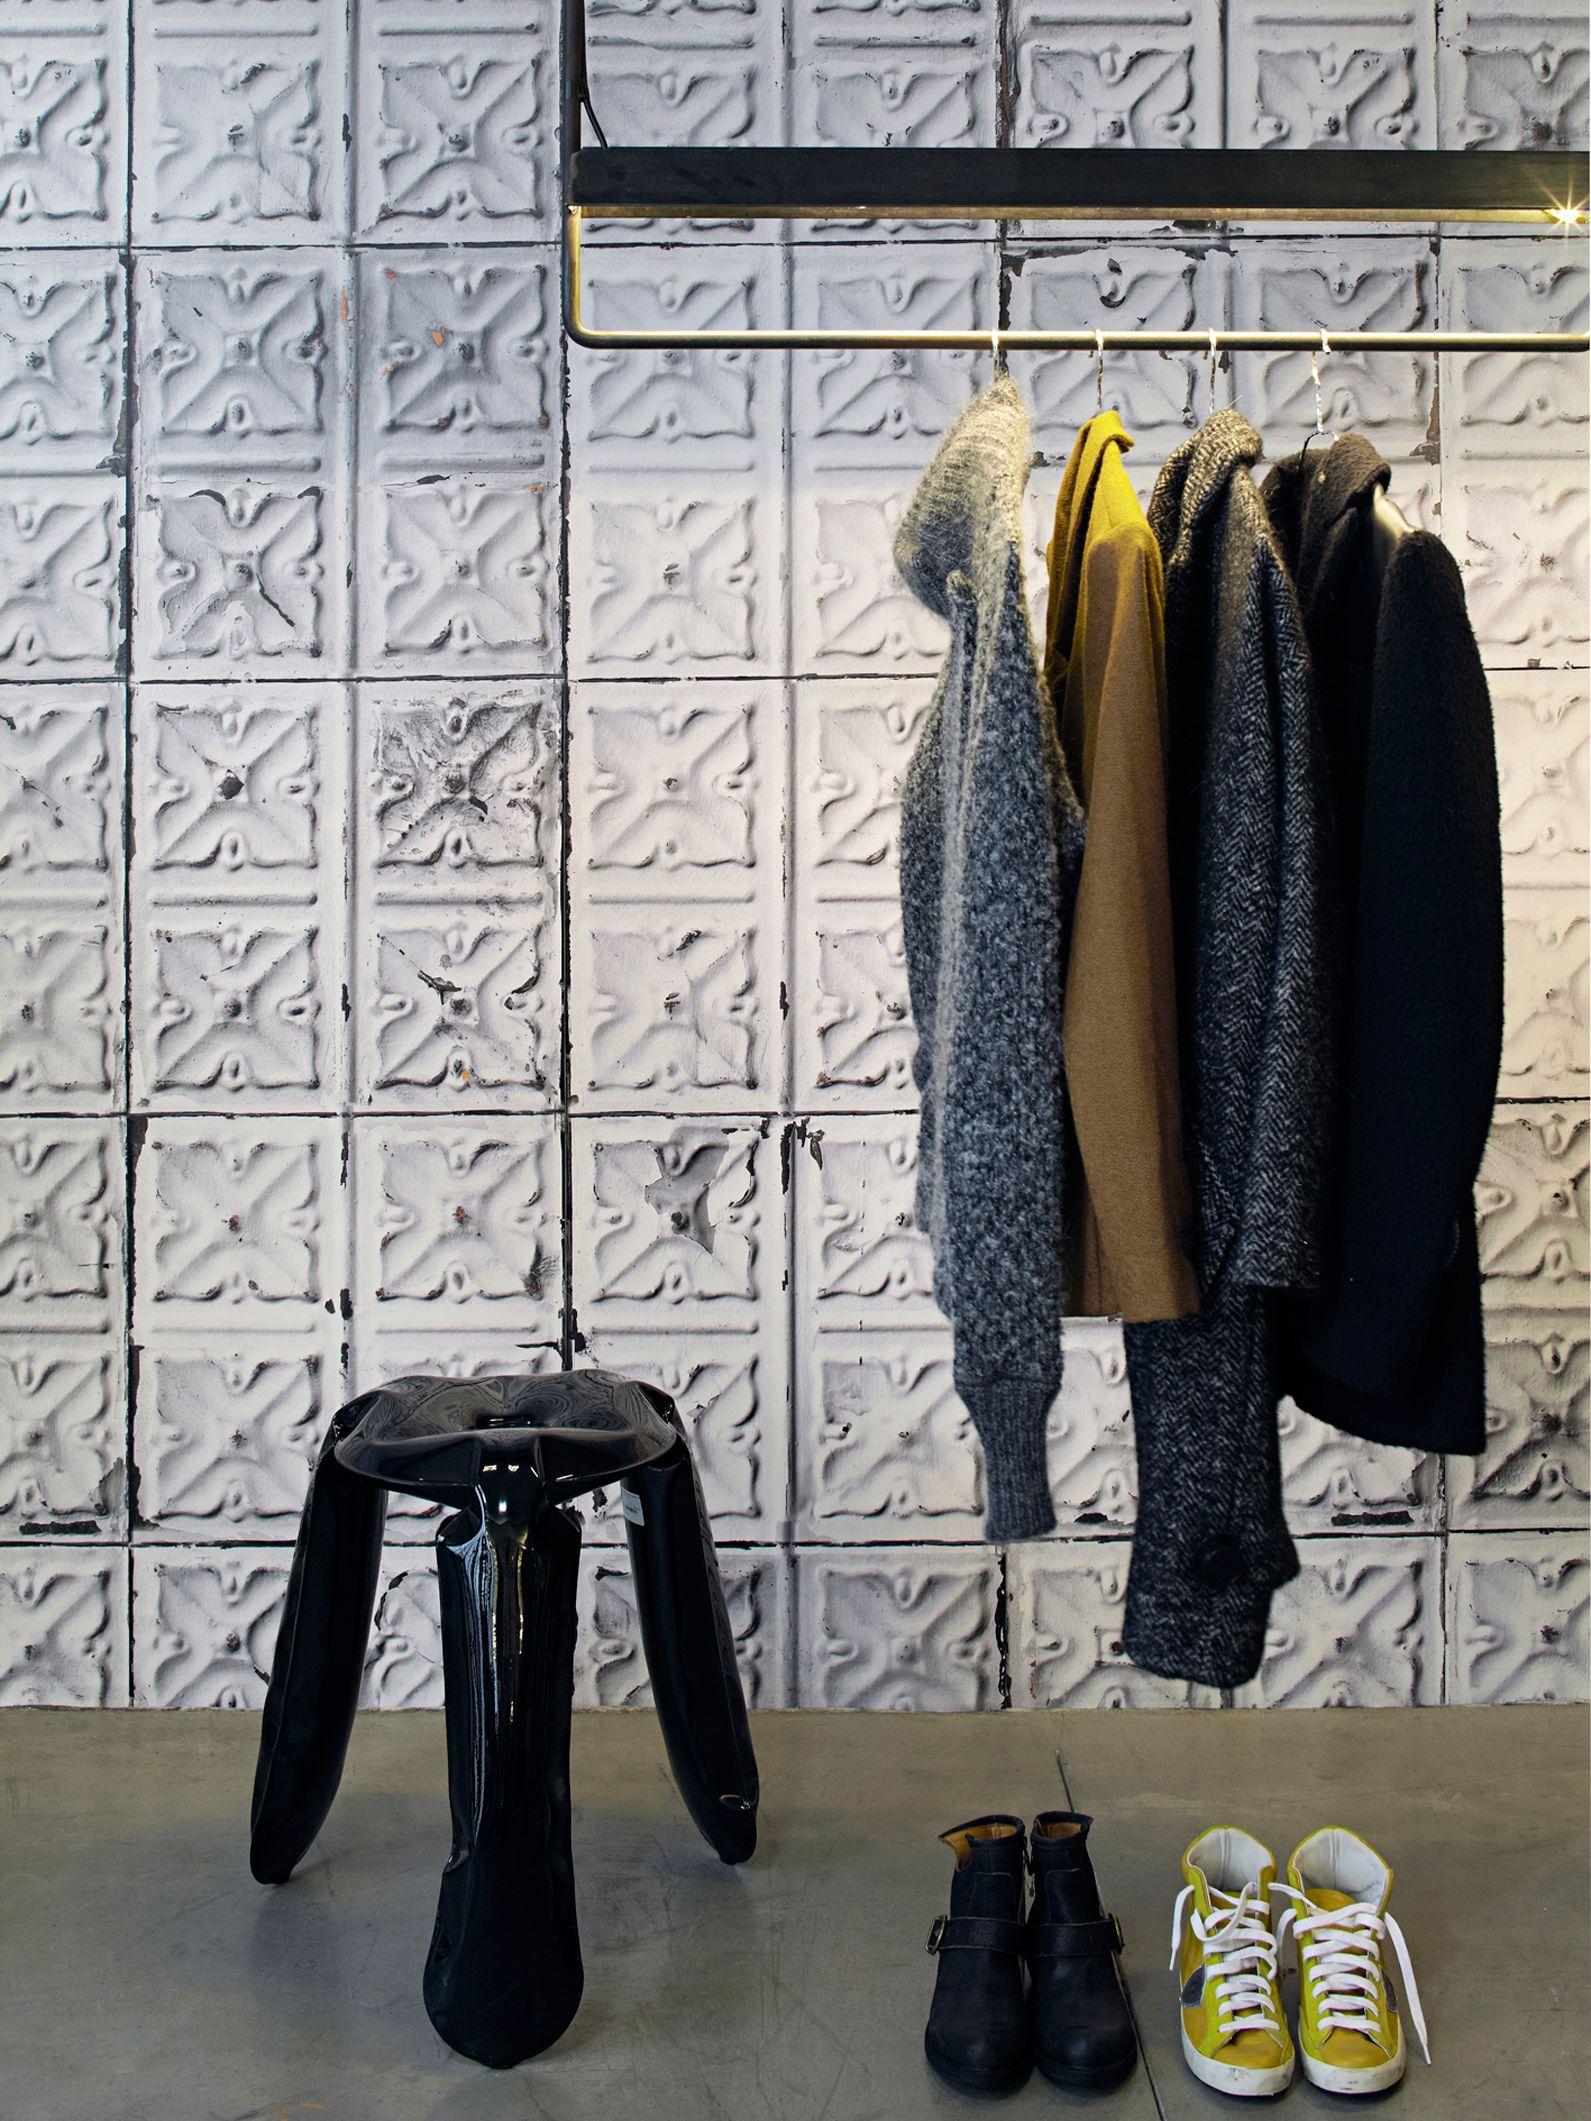 NLXL NLXL Brooklyn Tins Wallpaper